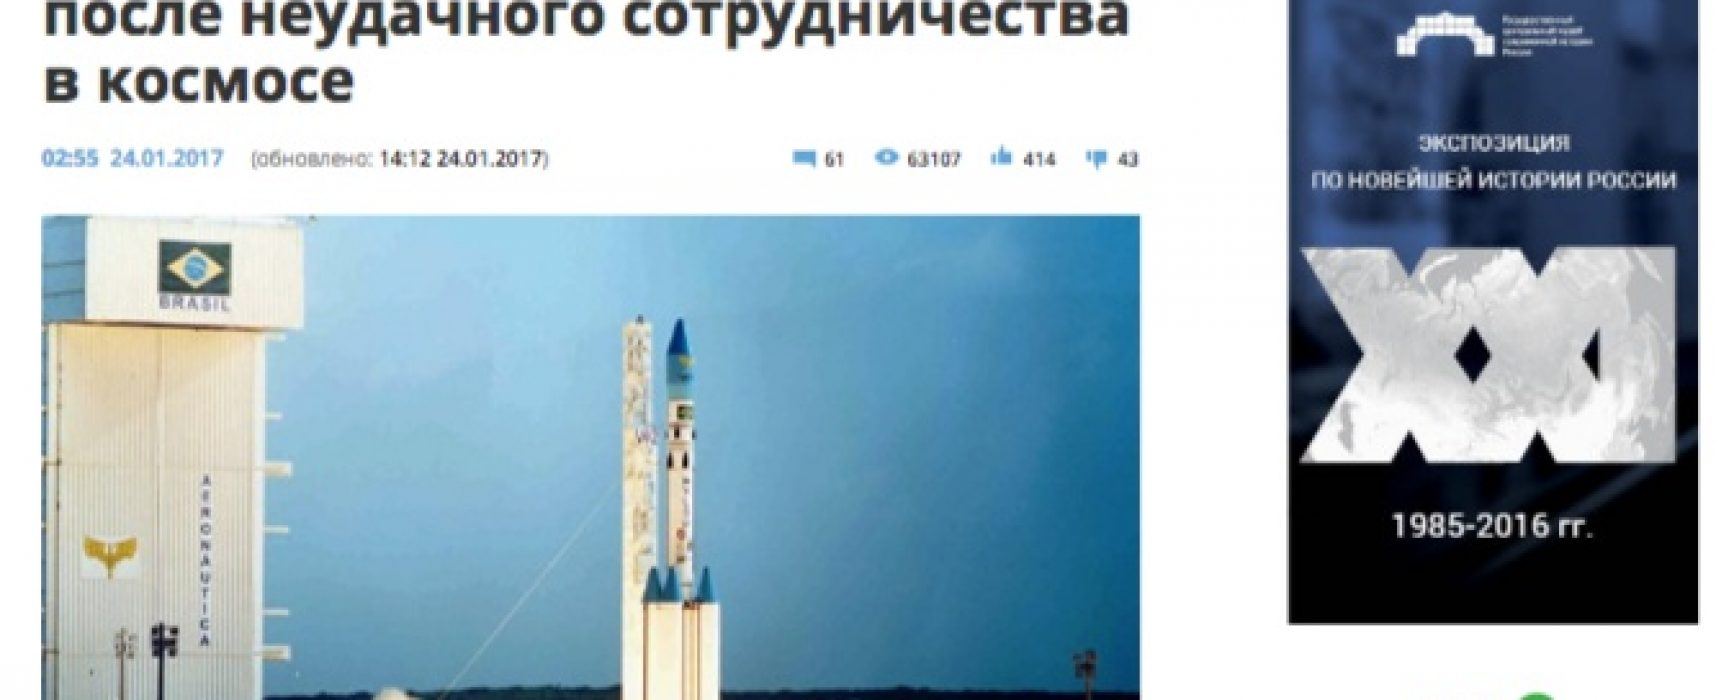 Фейк: Бразилия разрывает сотрудничество с Украиной в космосе – по вине Украины